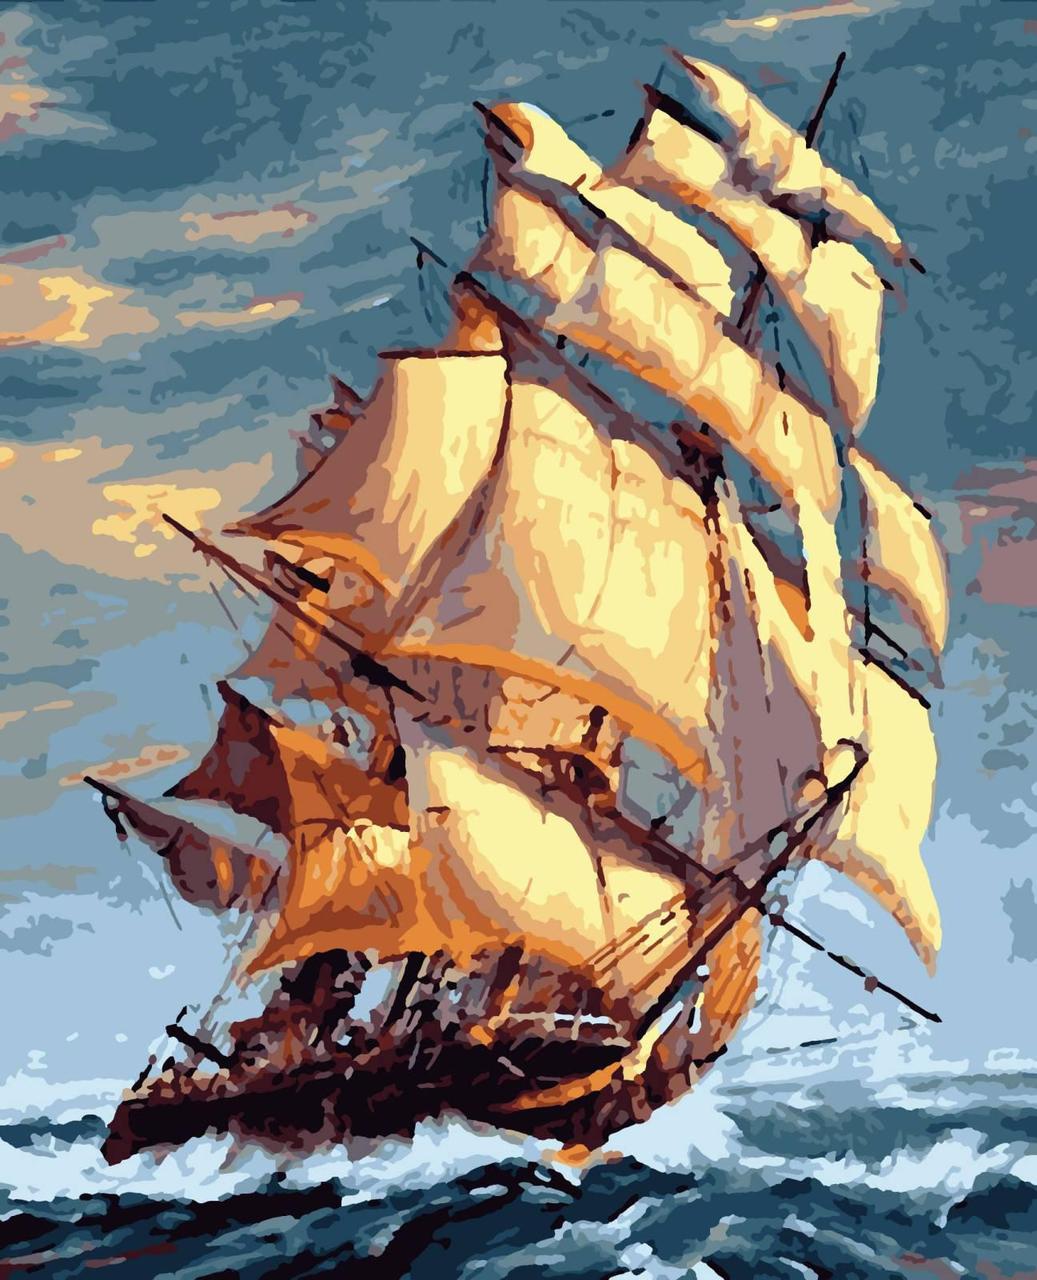 Картина рисование по номерам На всіх вітрилах PNX5405 Artissimo 50х60см розпис за номерами набір, фарби,